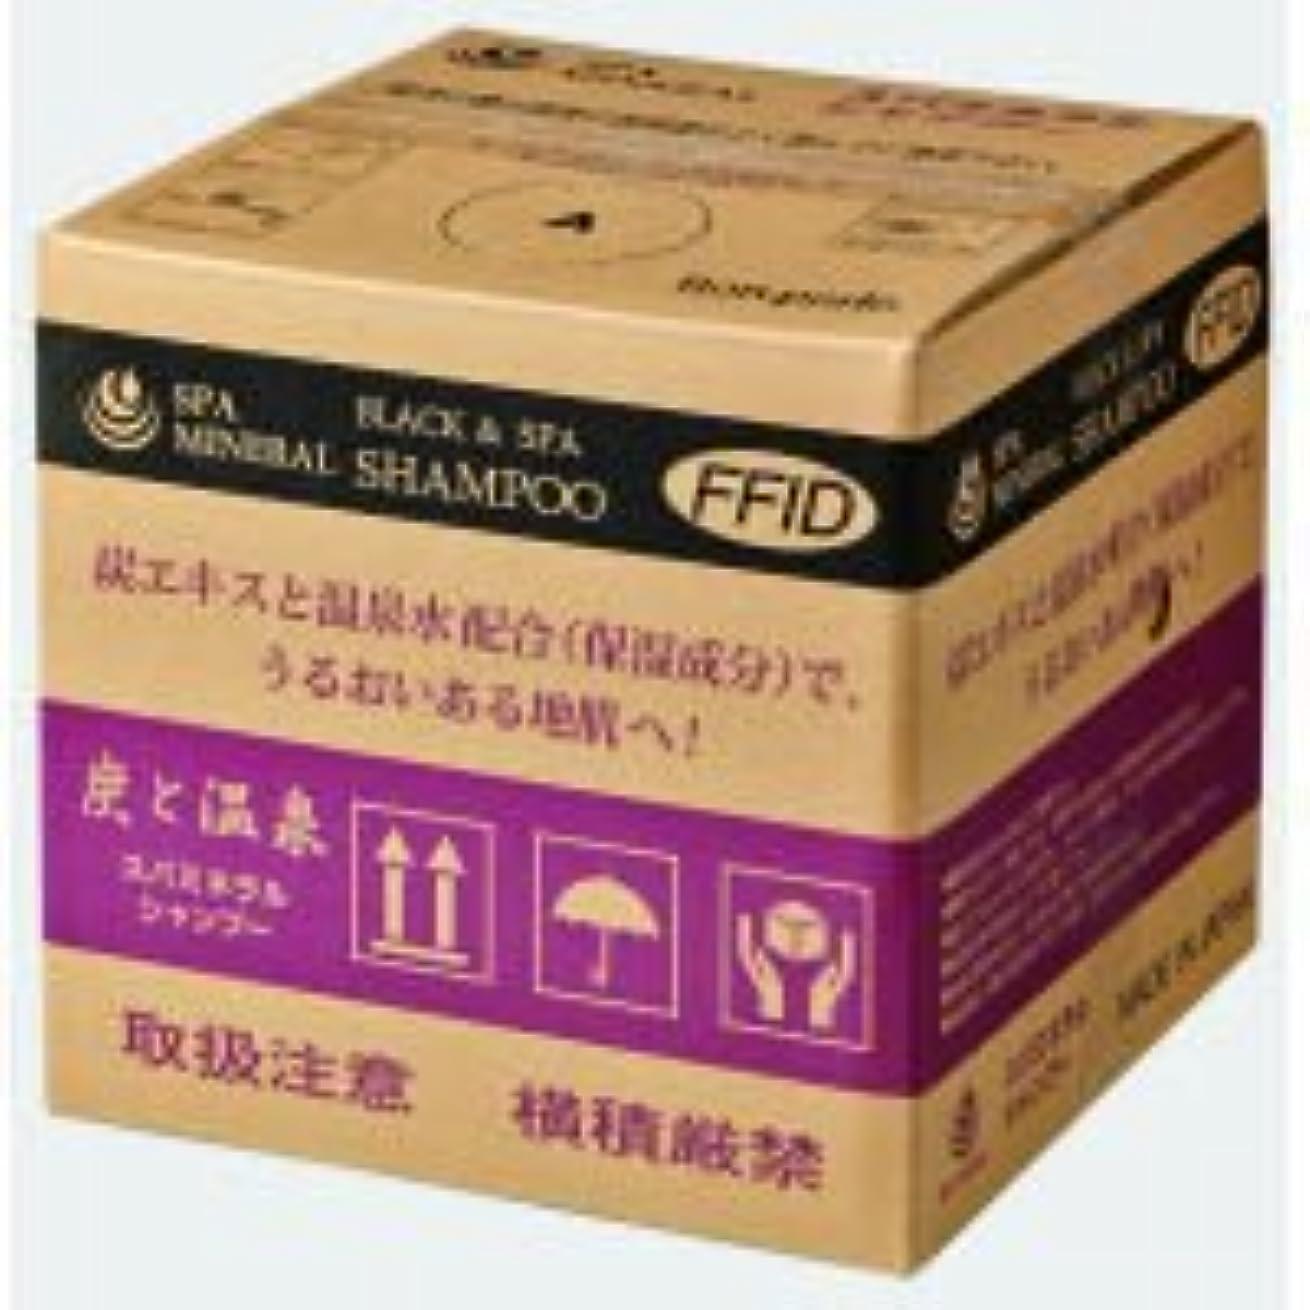 膿瘍ドット療法スパミネラル 炭シャンプー 20kg 詰替用